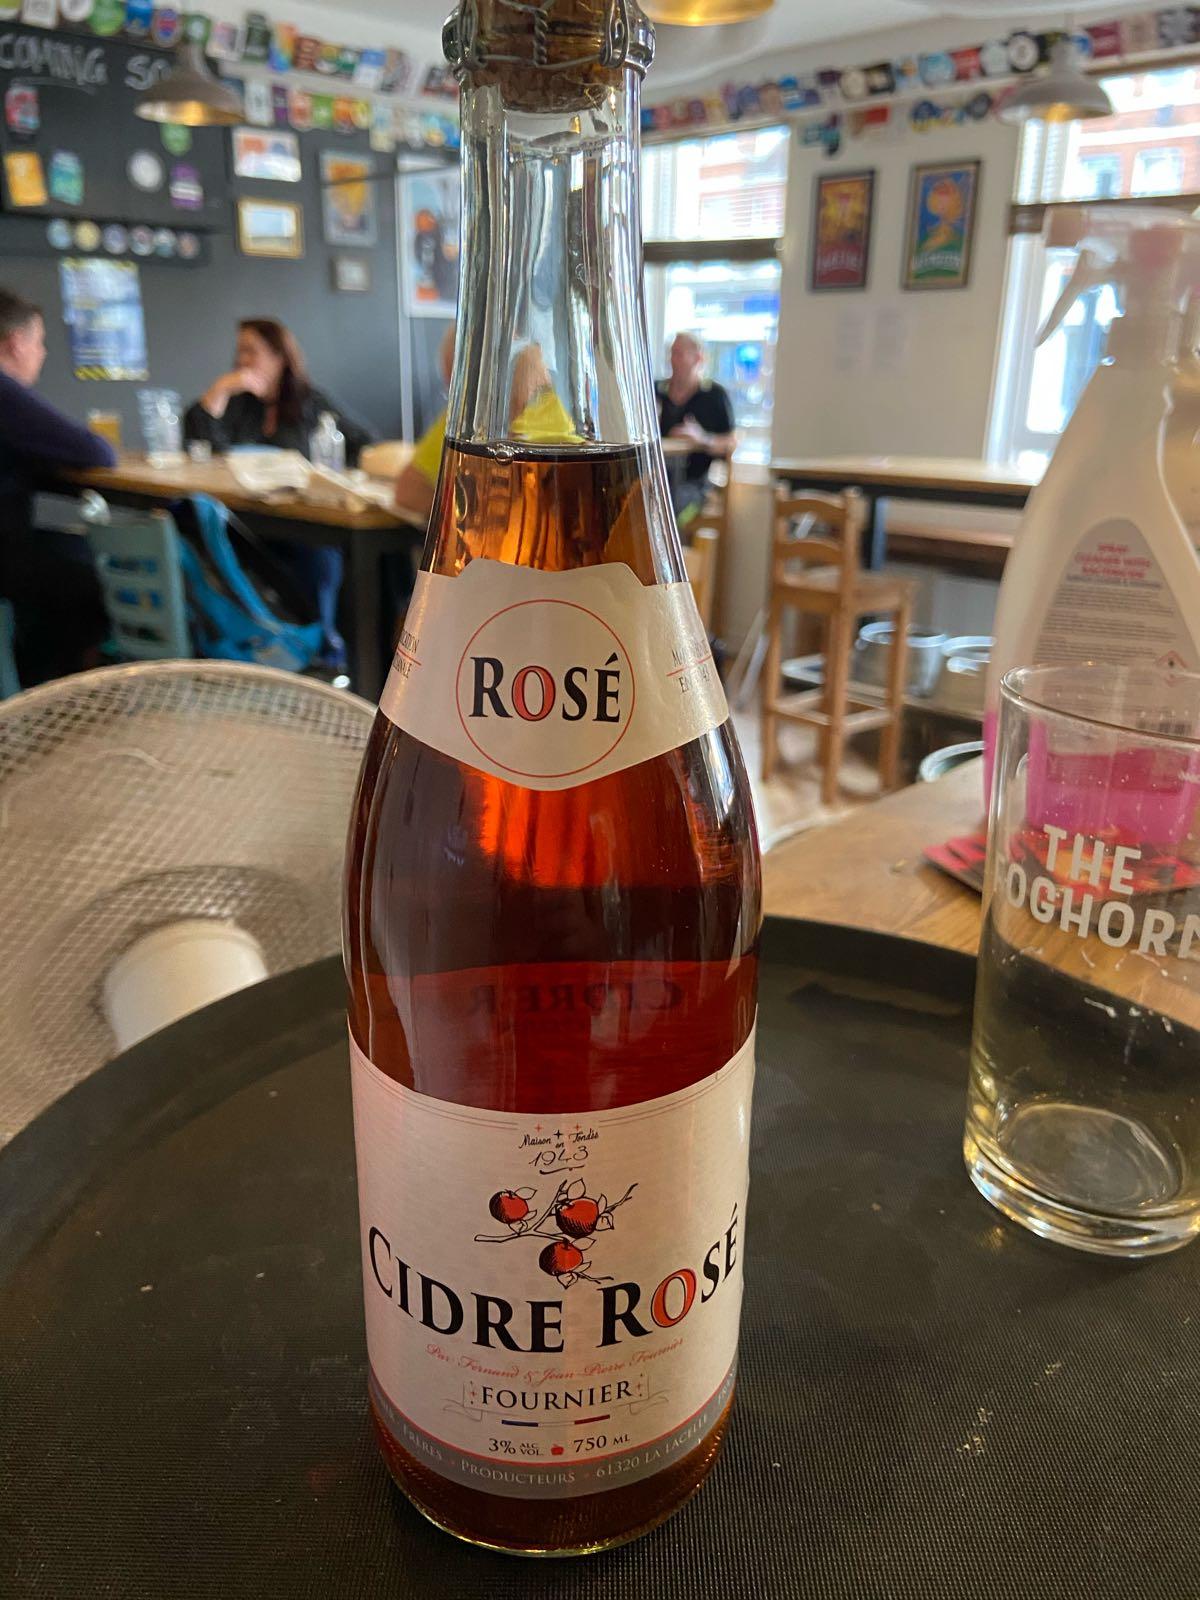 Fournier Cidre Rosé